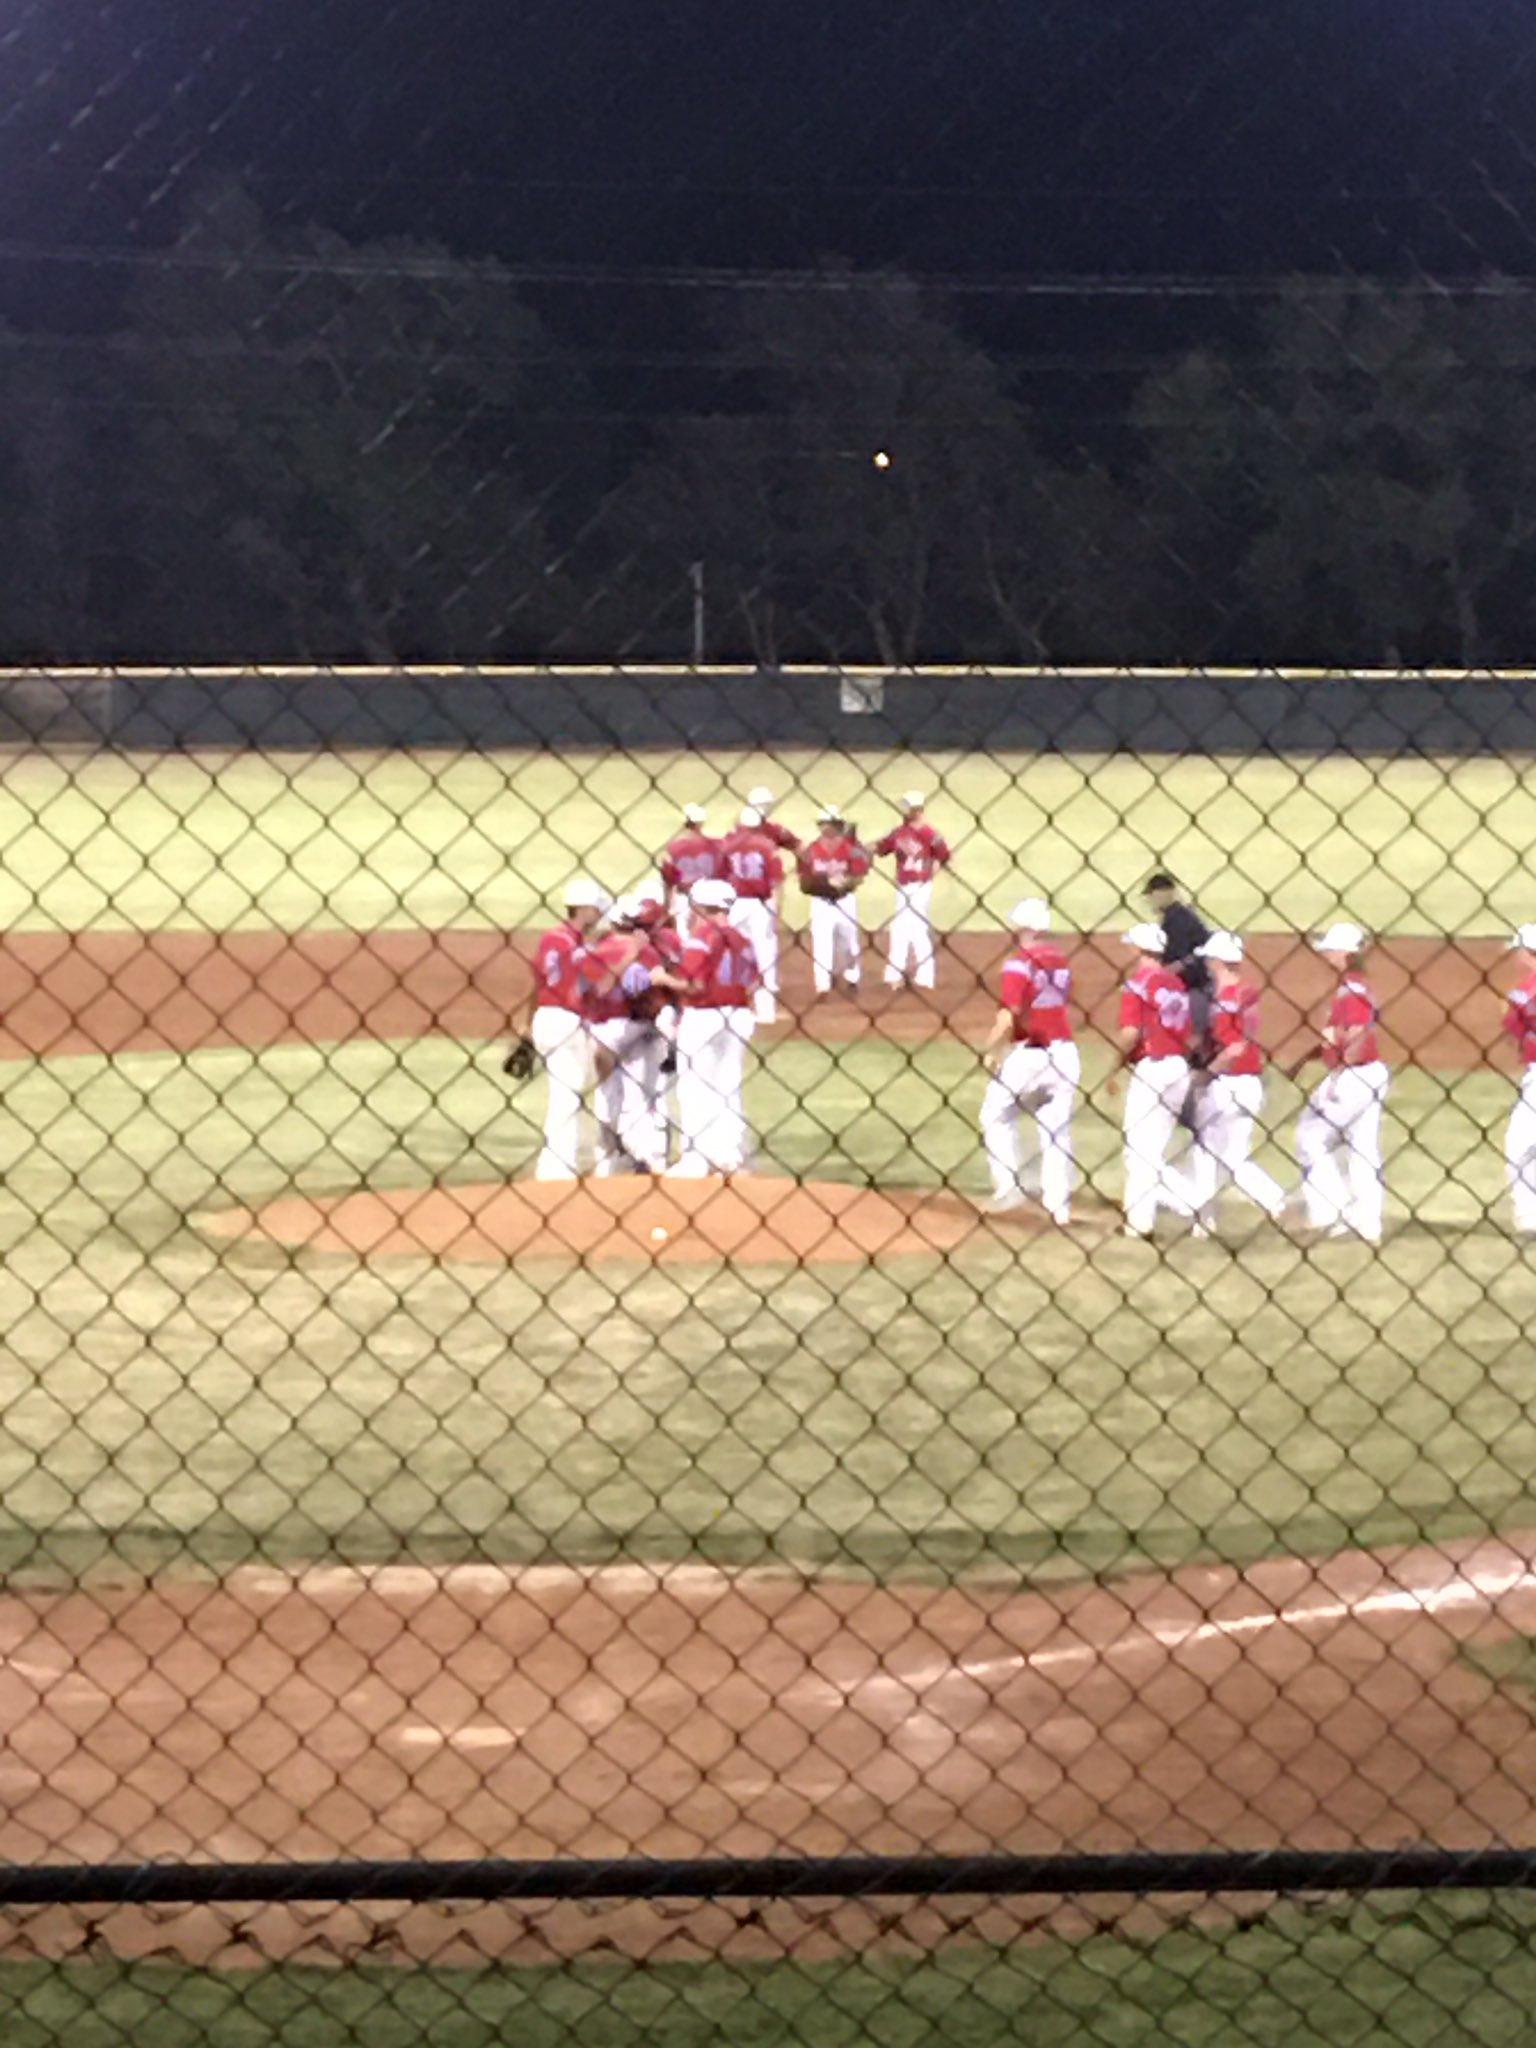 Bee Jays Win in Bat Cats Belfre